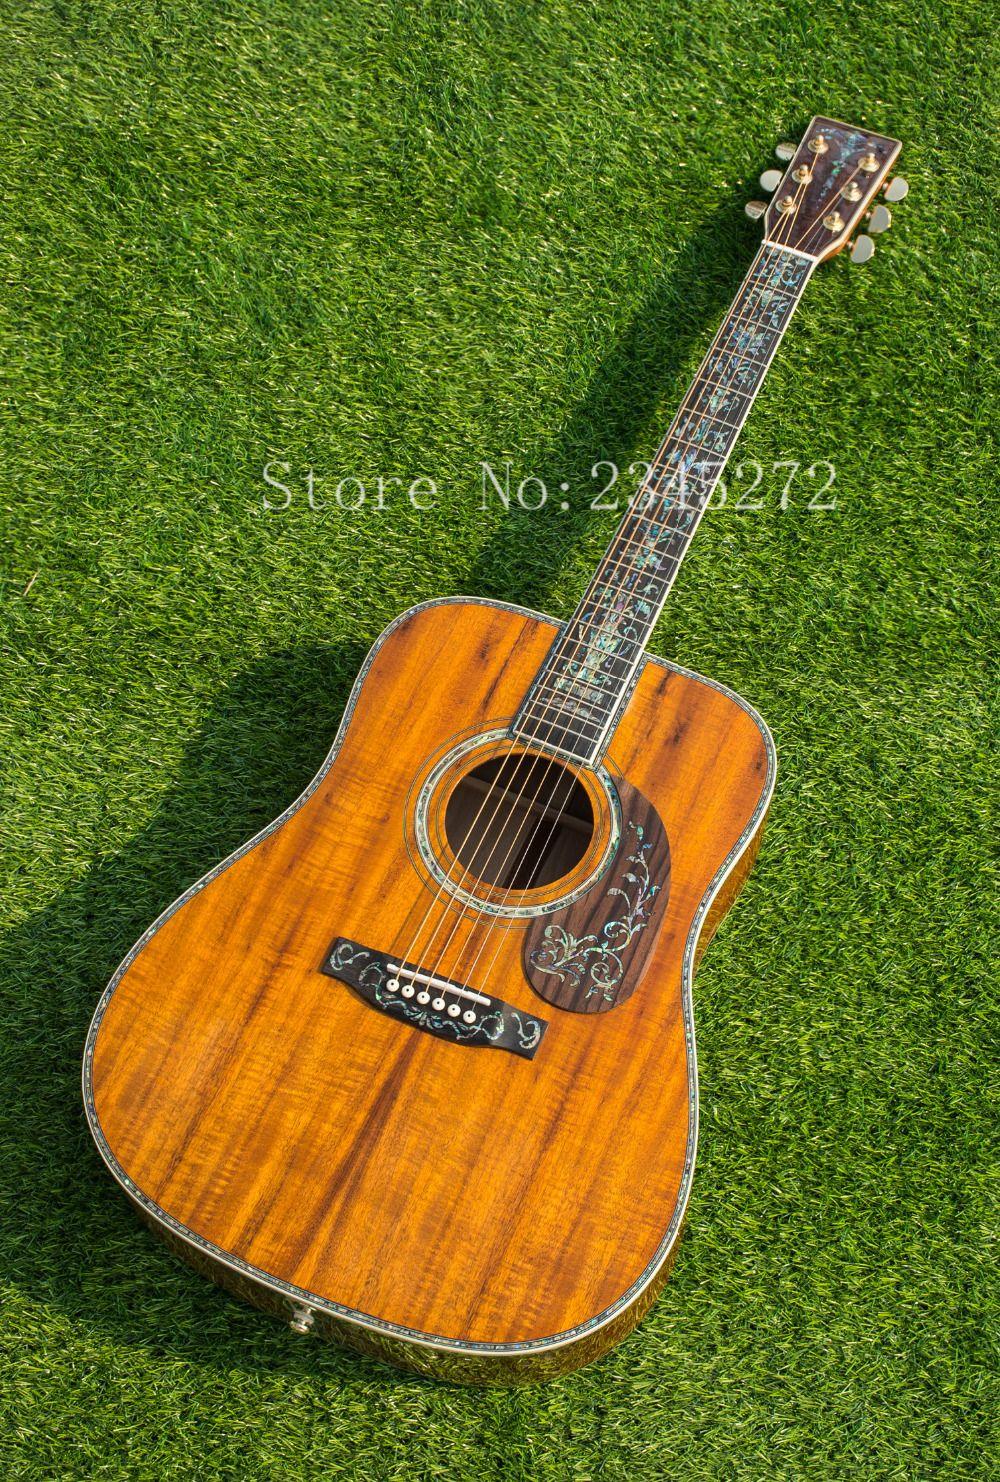 Chinese factory + koa wood manual acoustic guitar, real abalone mosaic and binding, free shipping